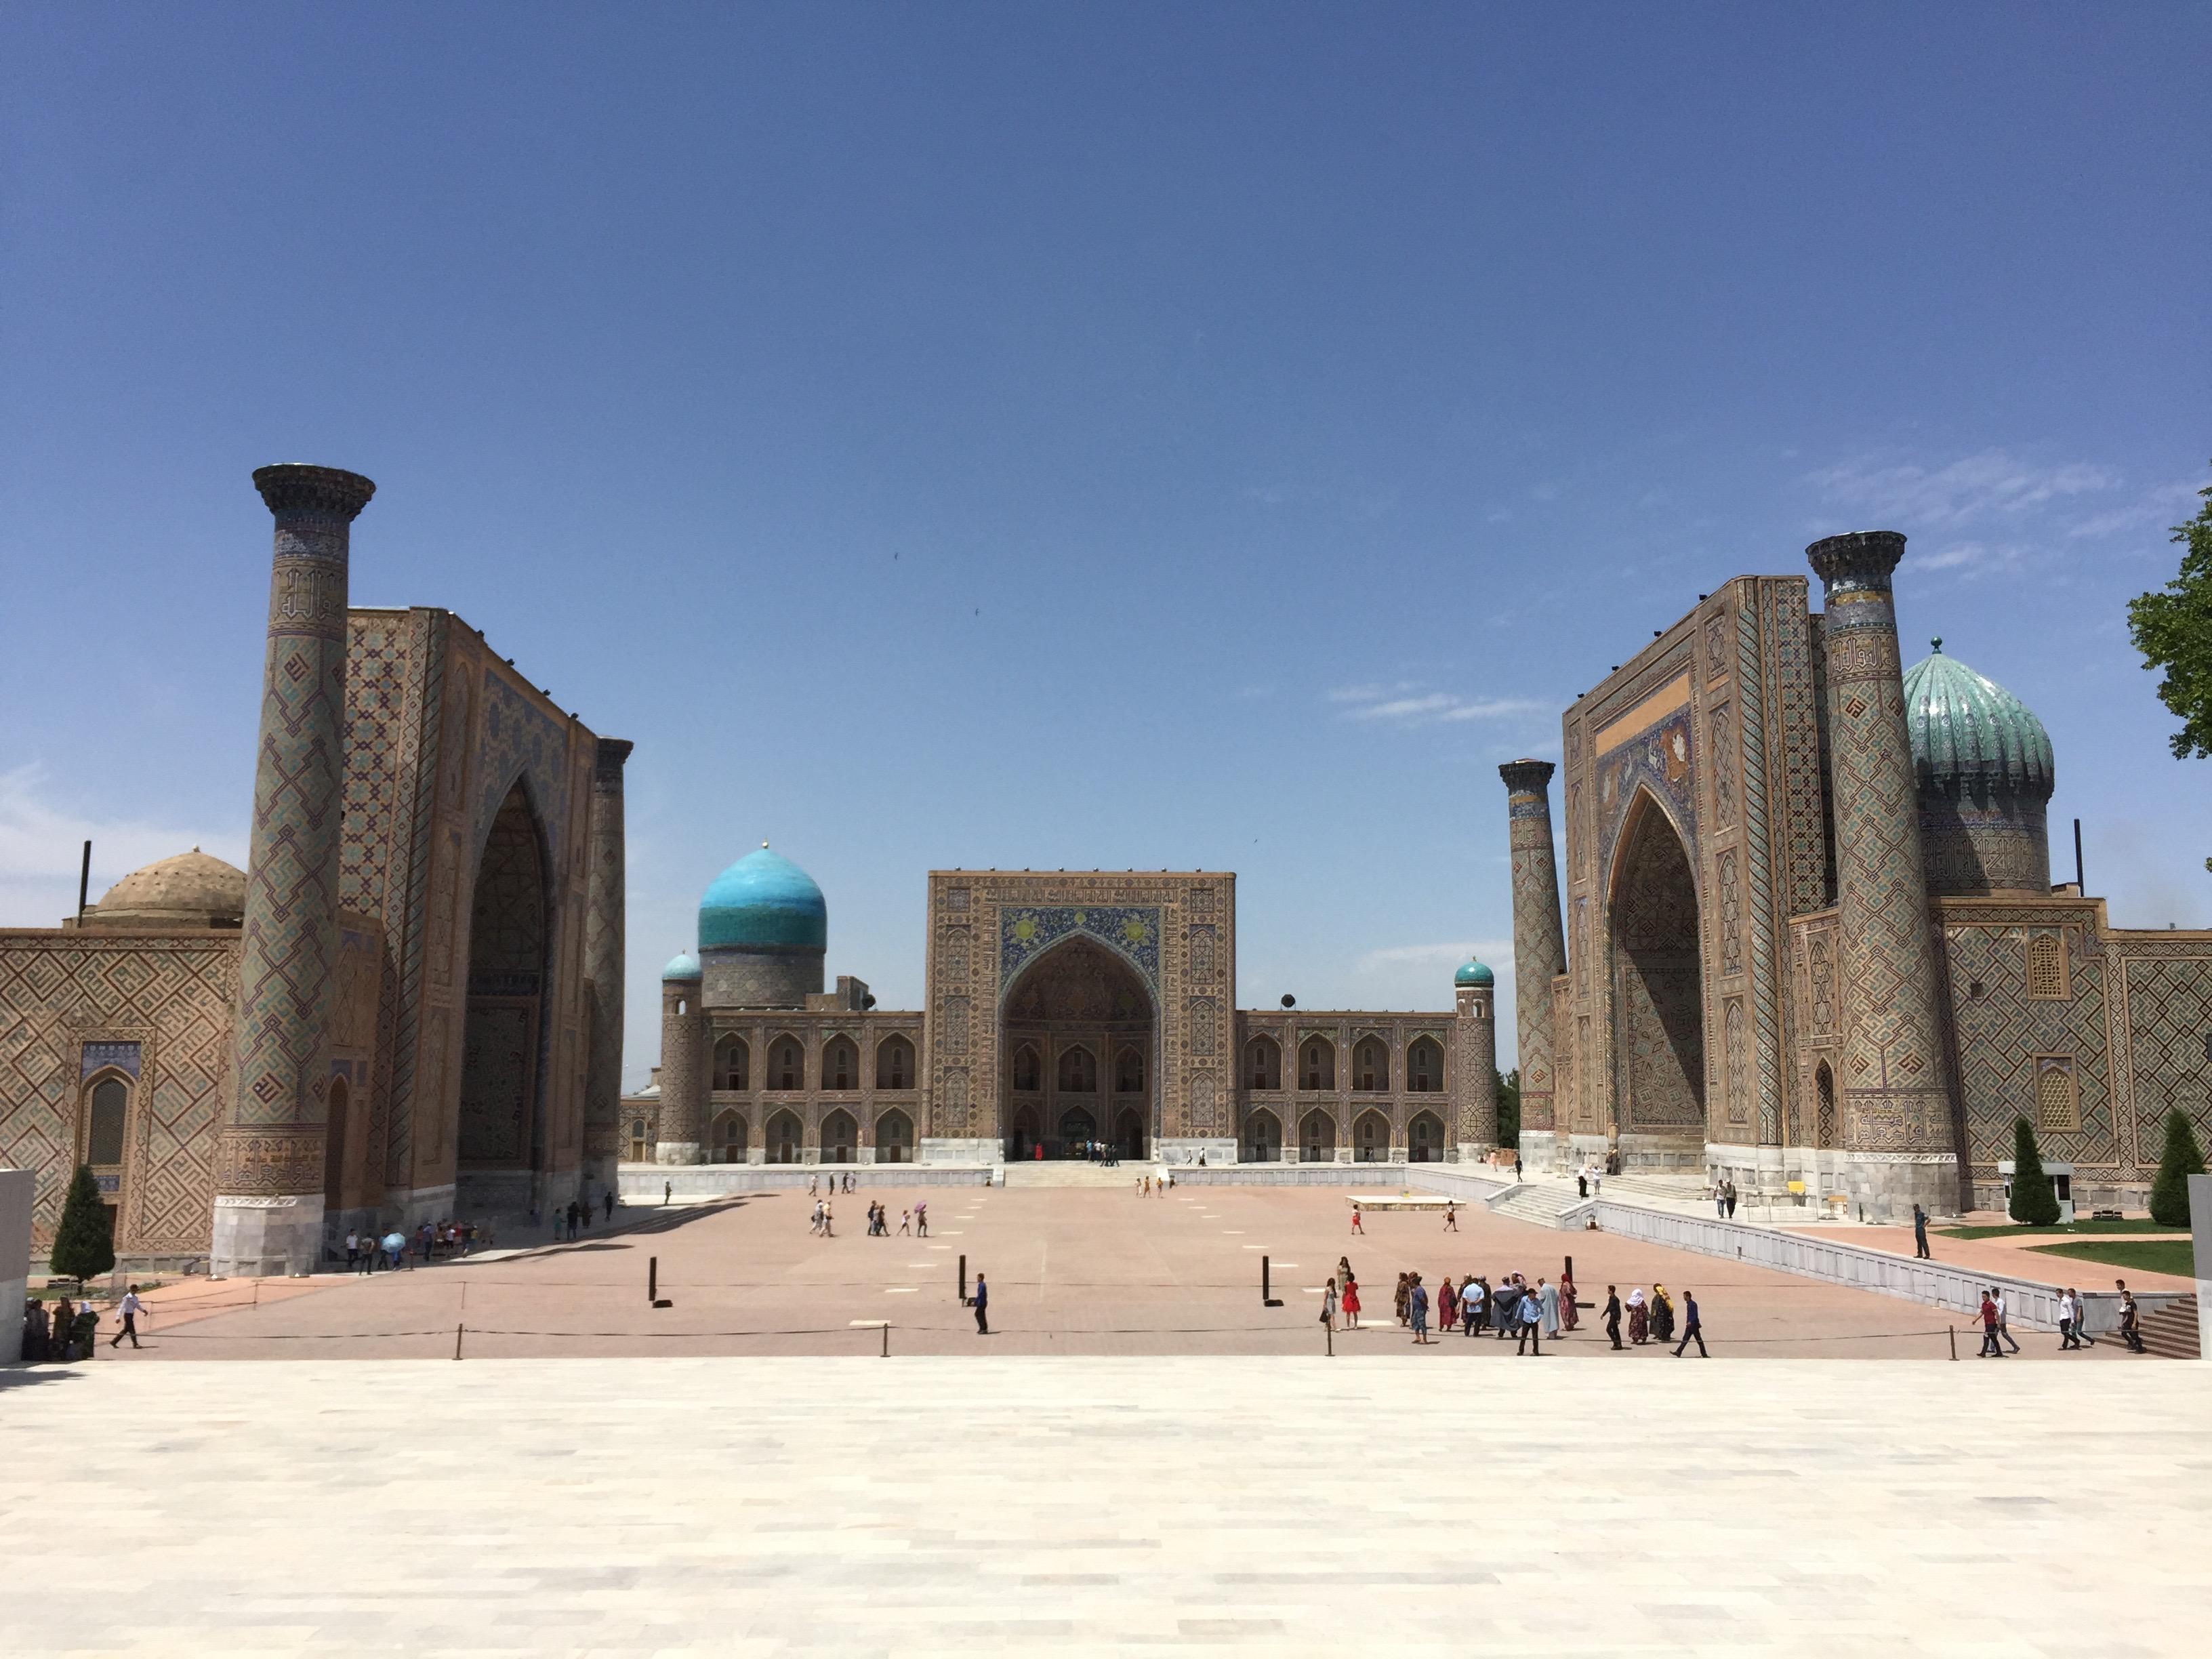 Ouzbekisthan mai 2017 - 1 sur 1076 (1)